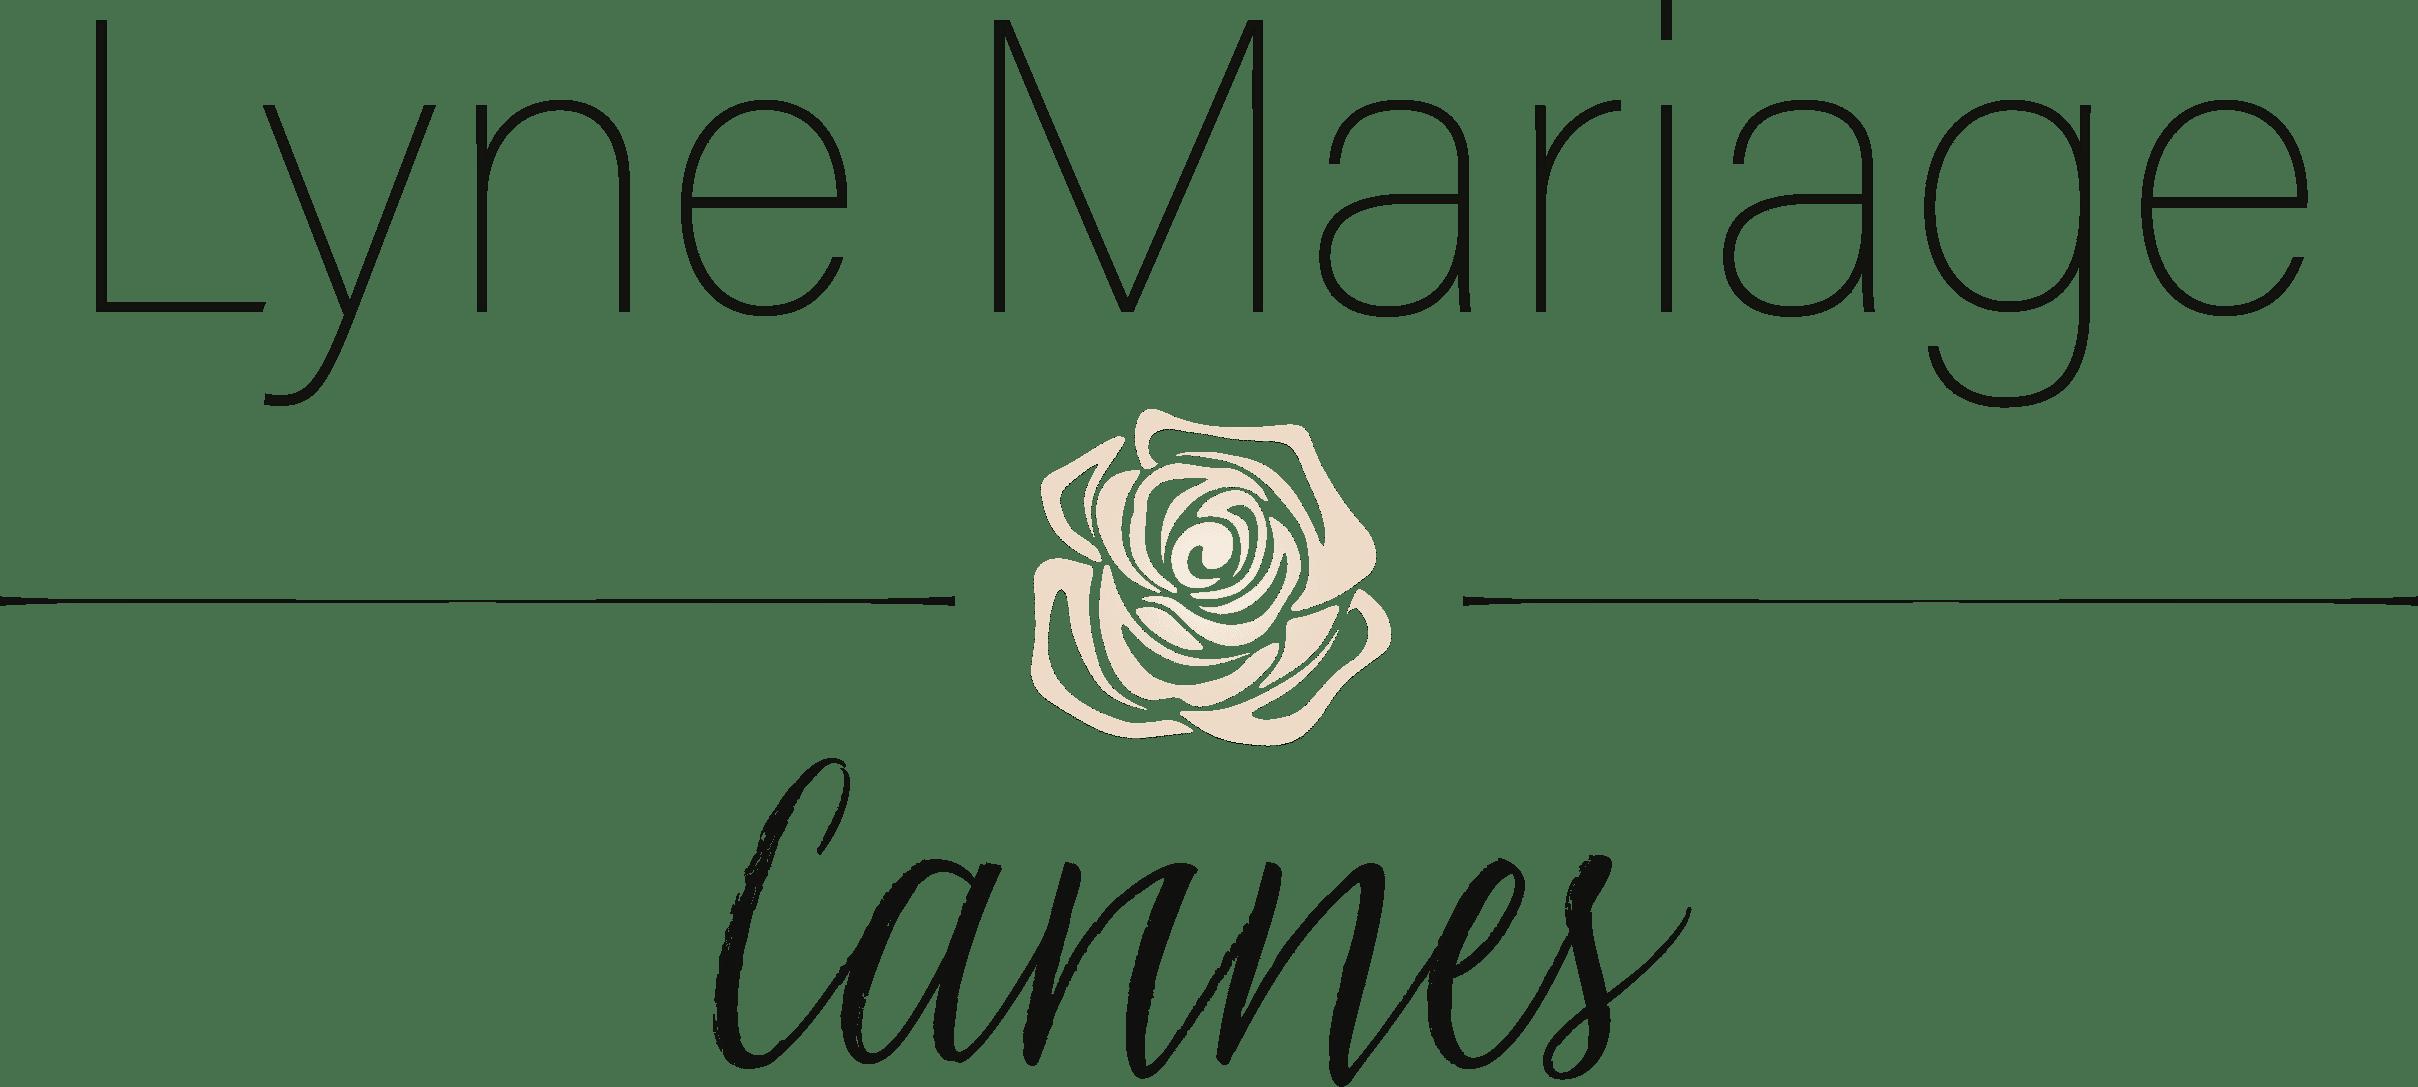 logo-lyne-mariage-cannes-2019